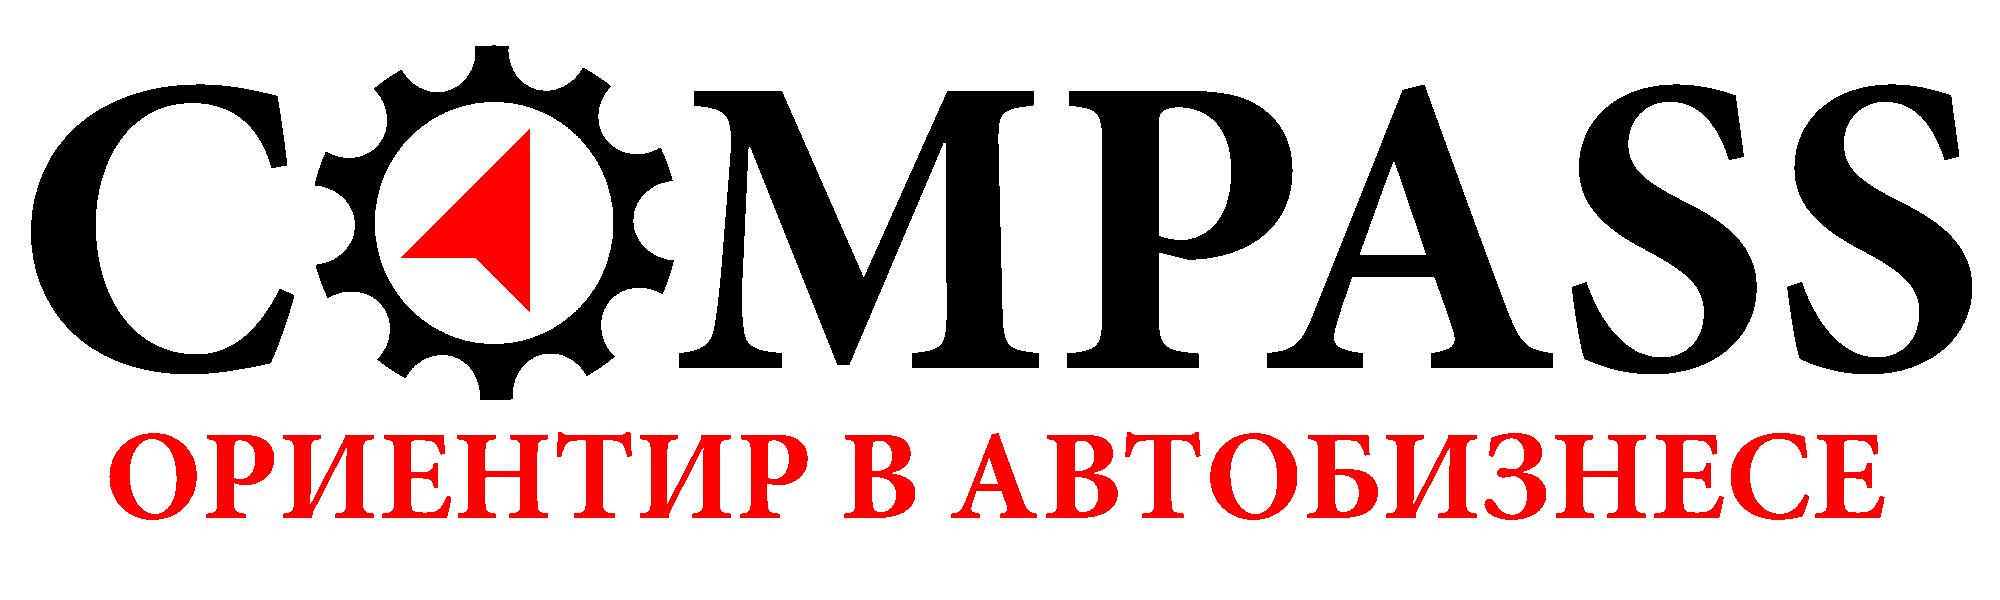 Логотип компании COMPASS